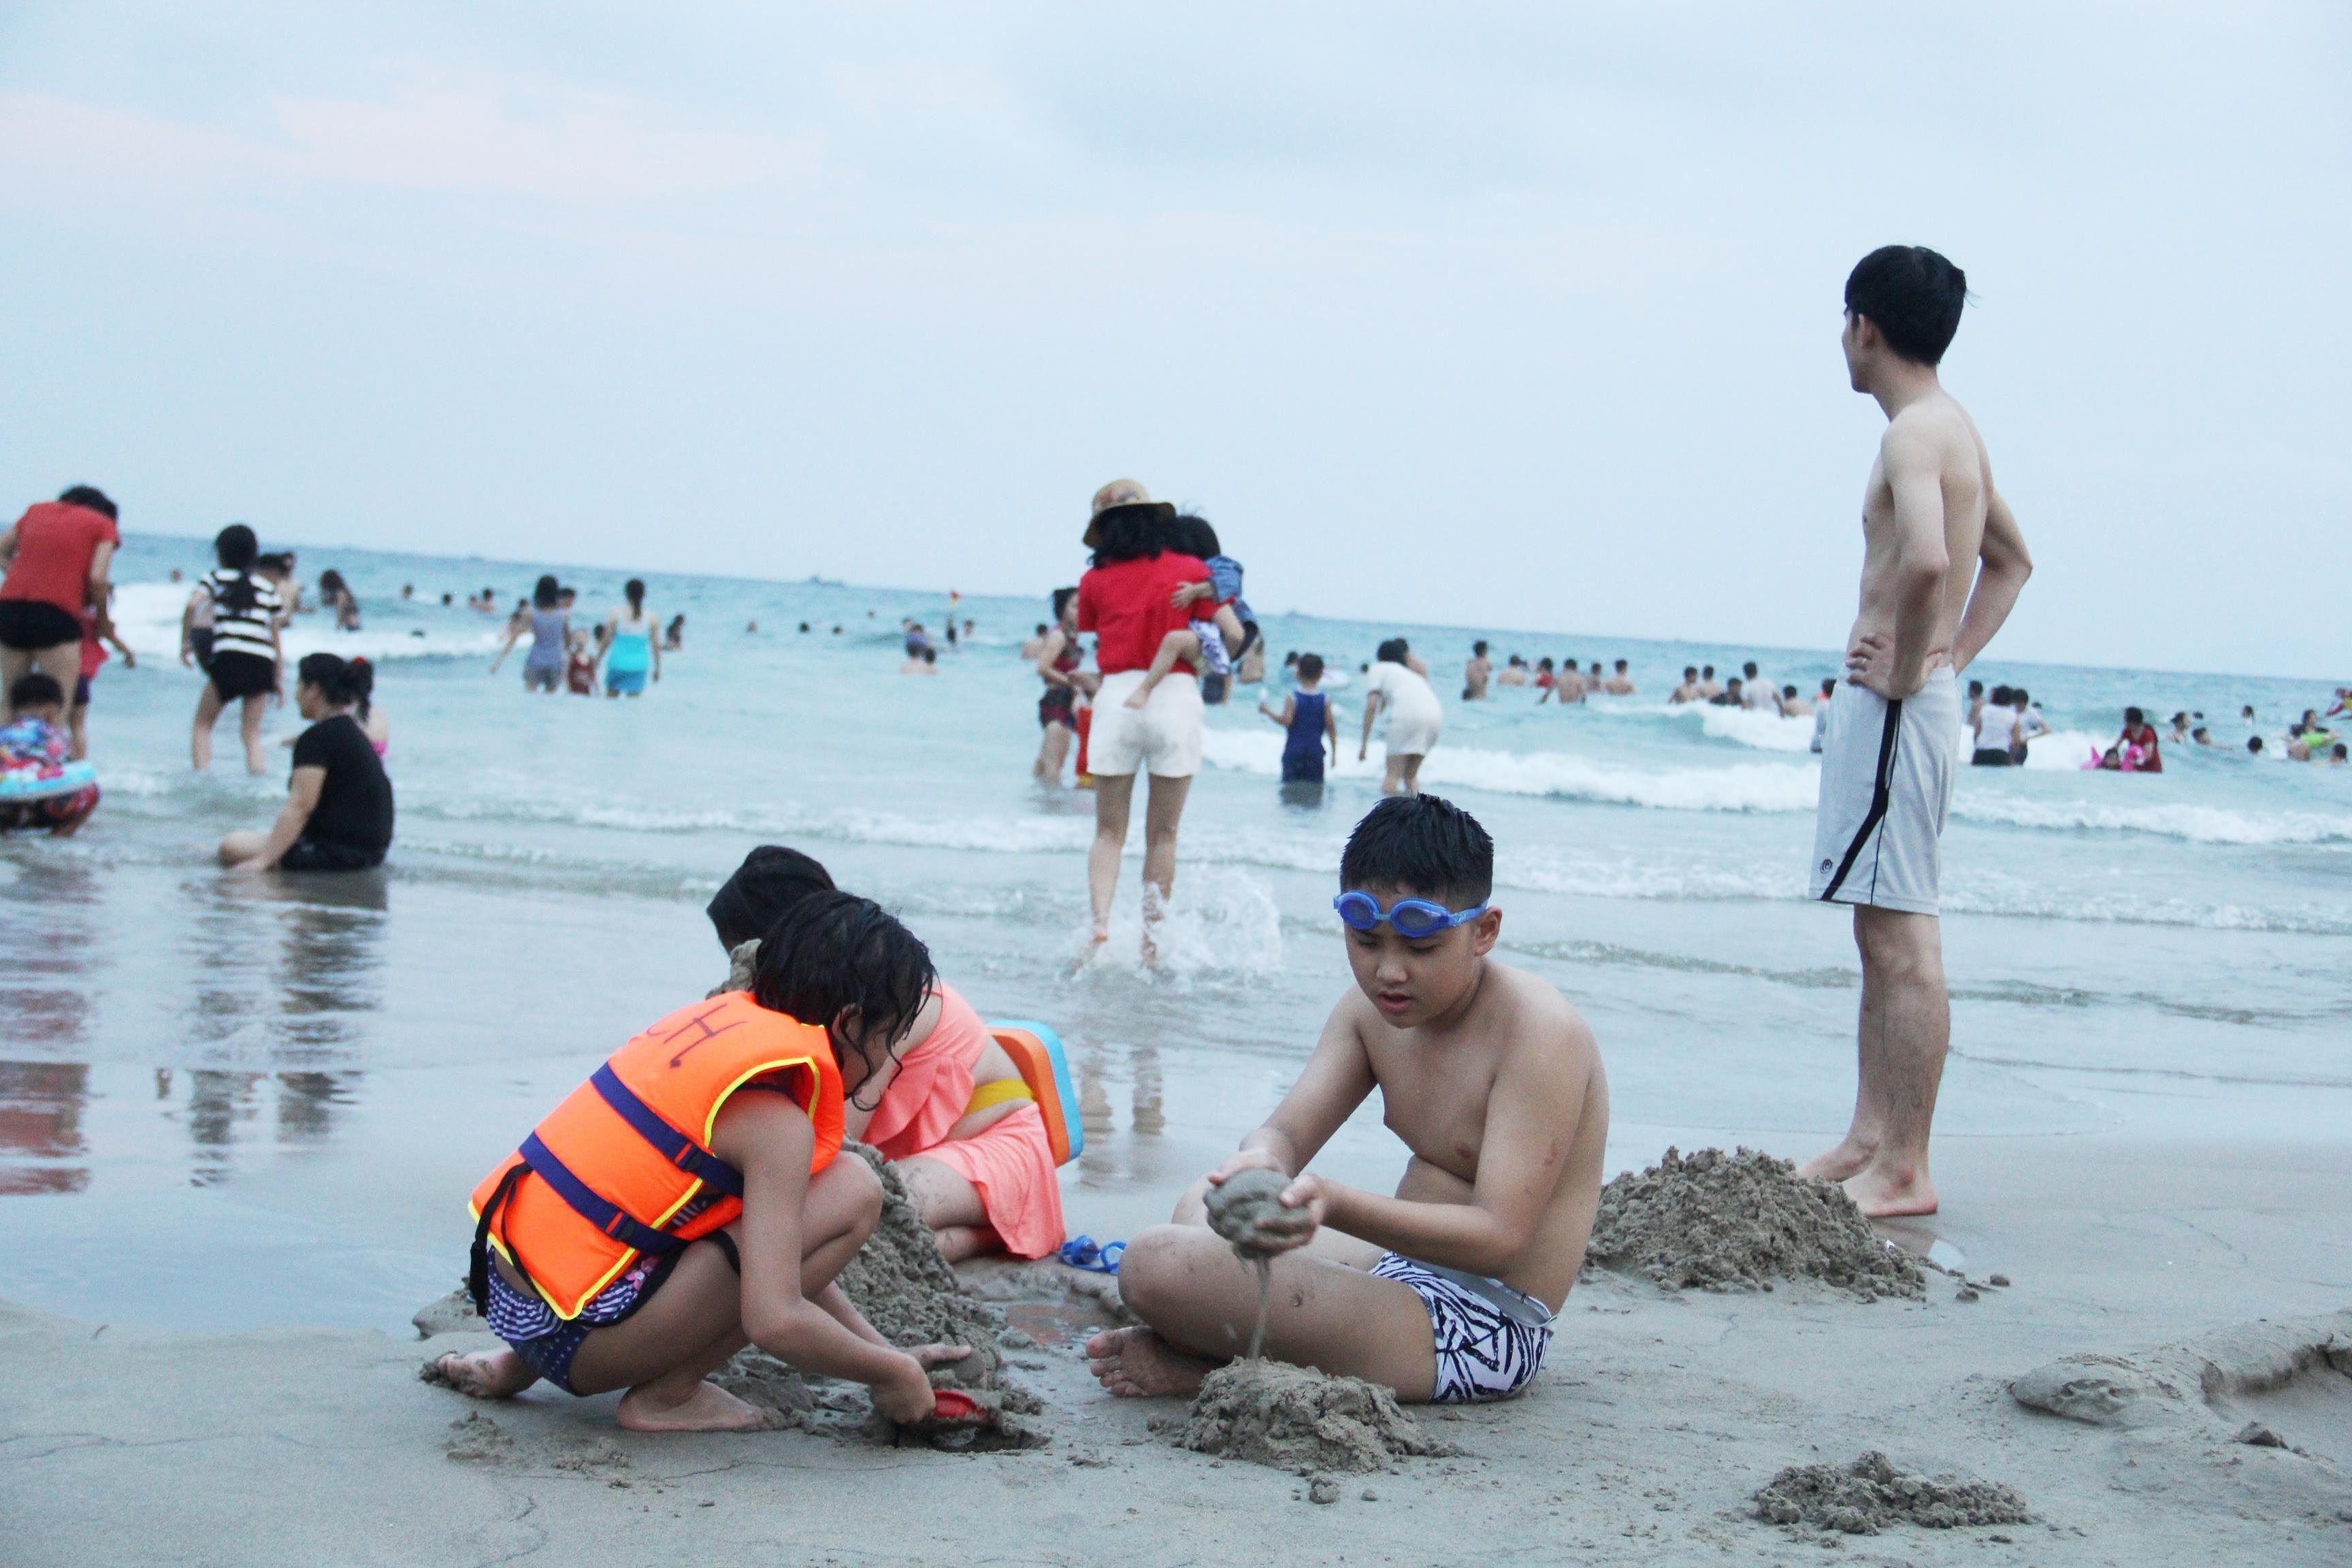 Hàng ngàn du khách đổ về bãi biển 'đẹp nhất hành tinh' Đà Nẵng Ảnh 4